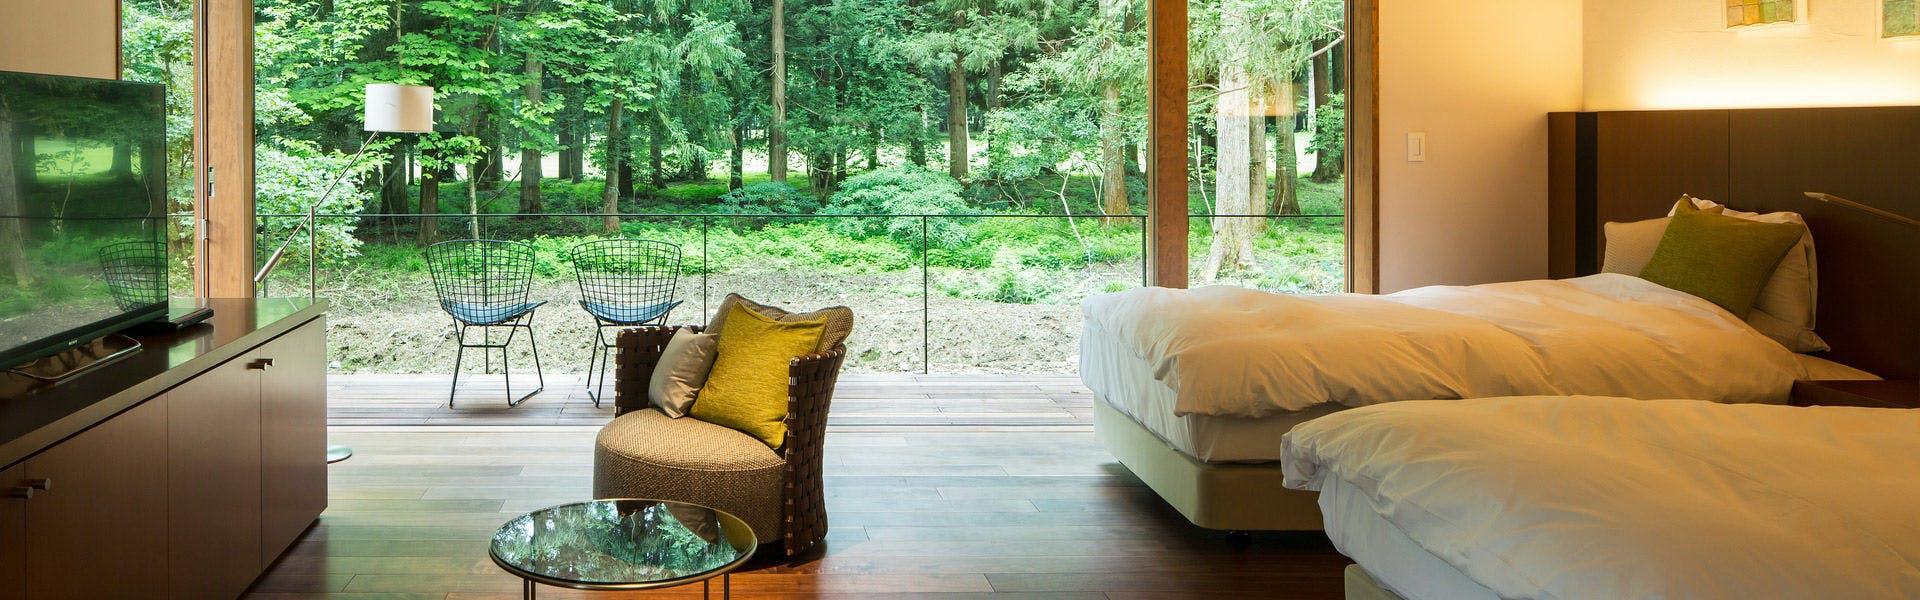 木々を望むベッドルームで爽やかな目覚めを